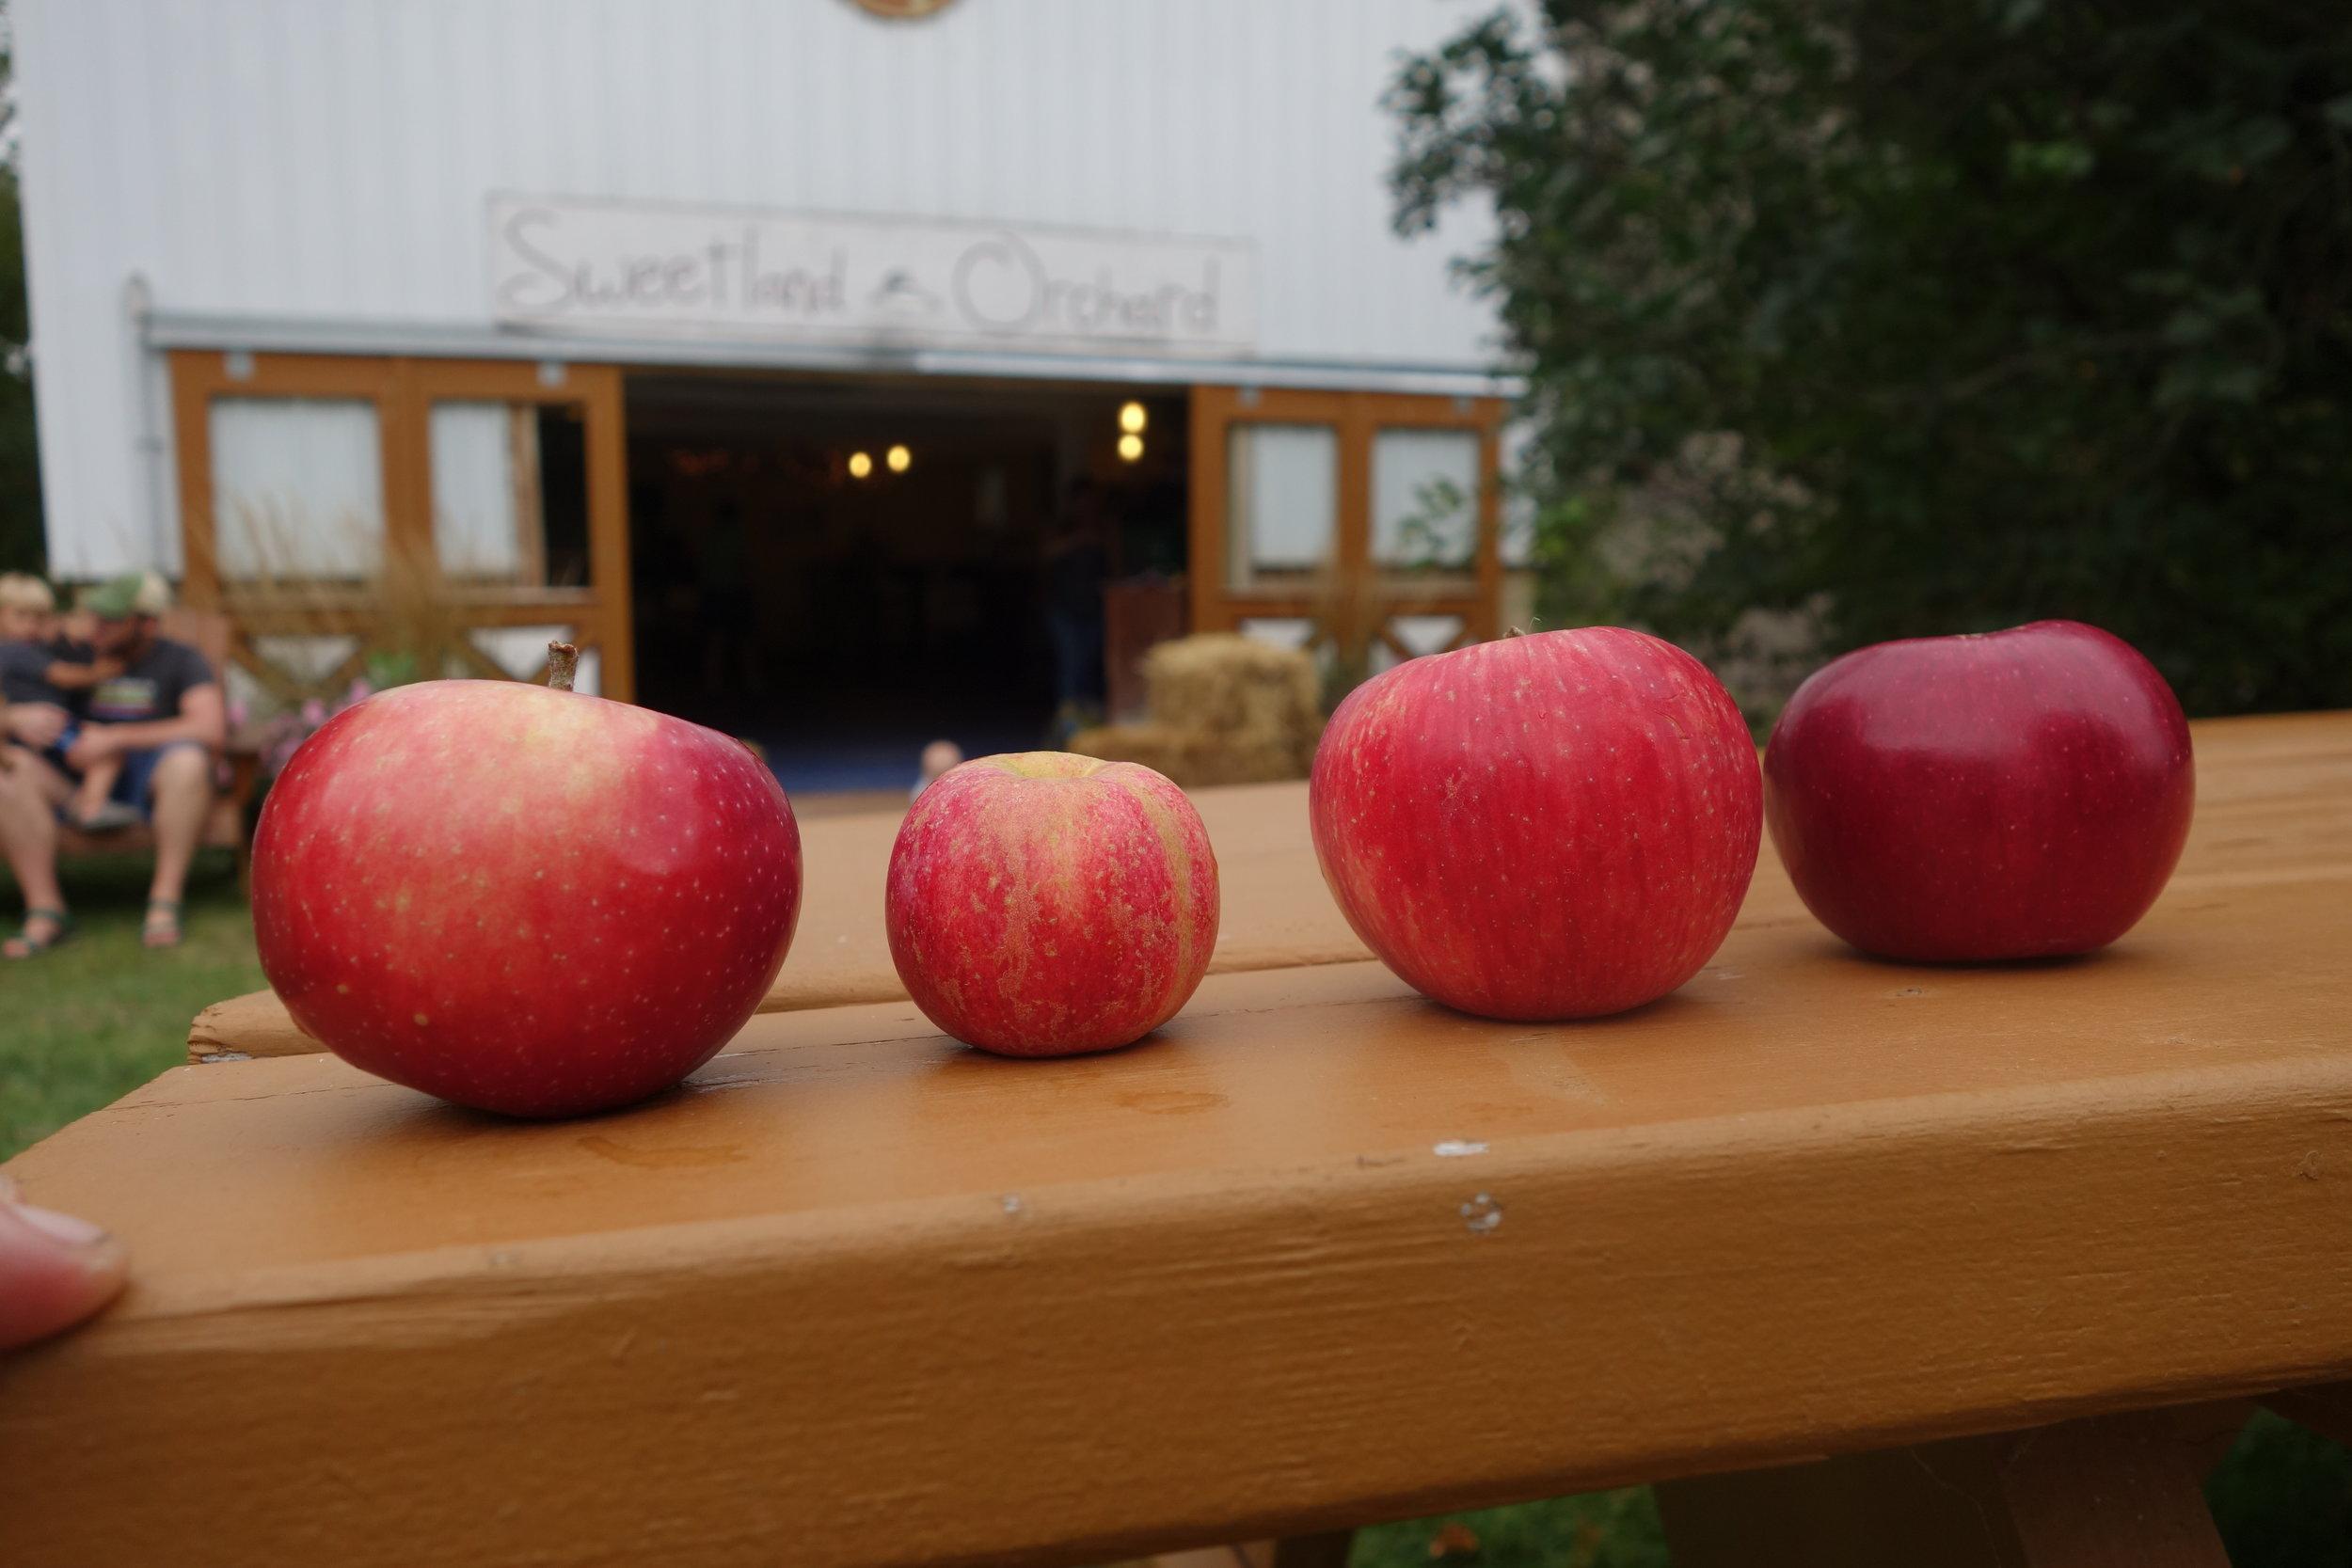 2017-09-16 17.27.02 Week Two Apples.jpg